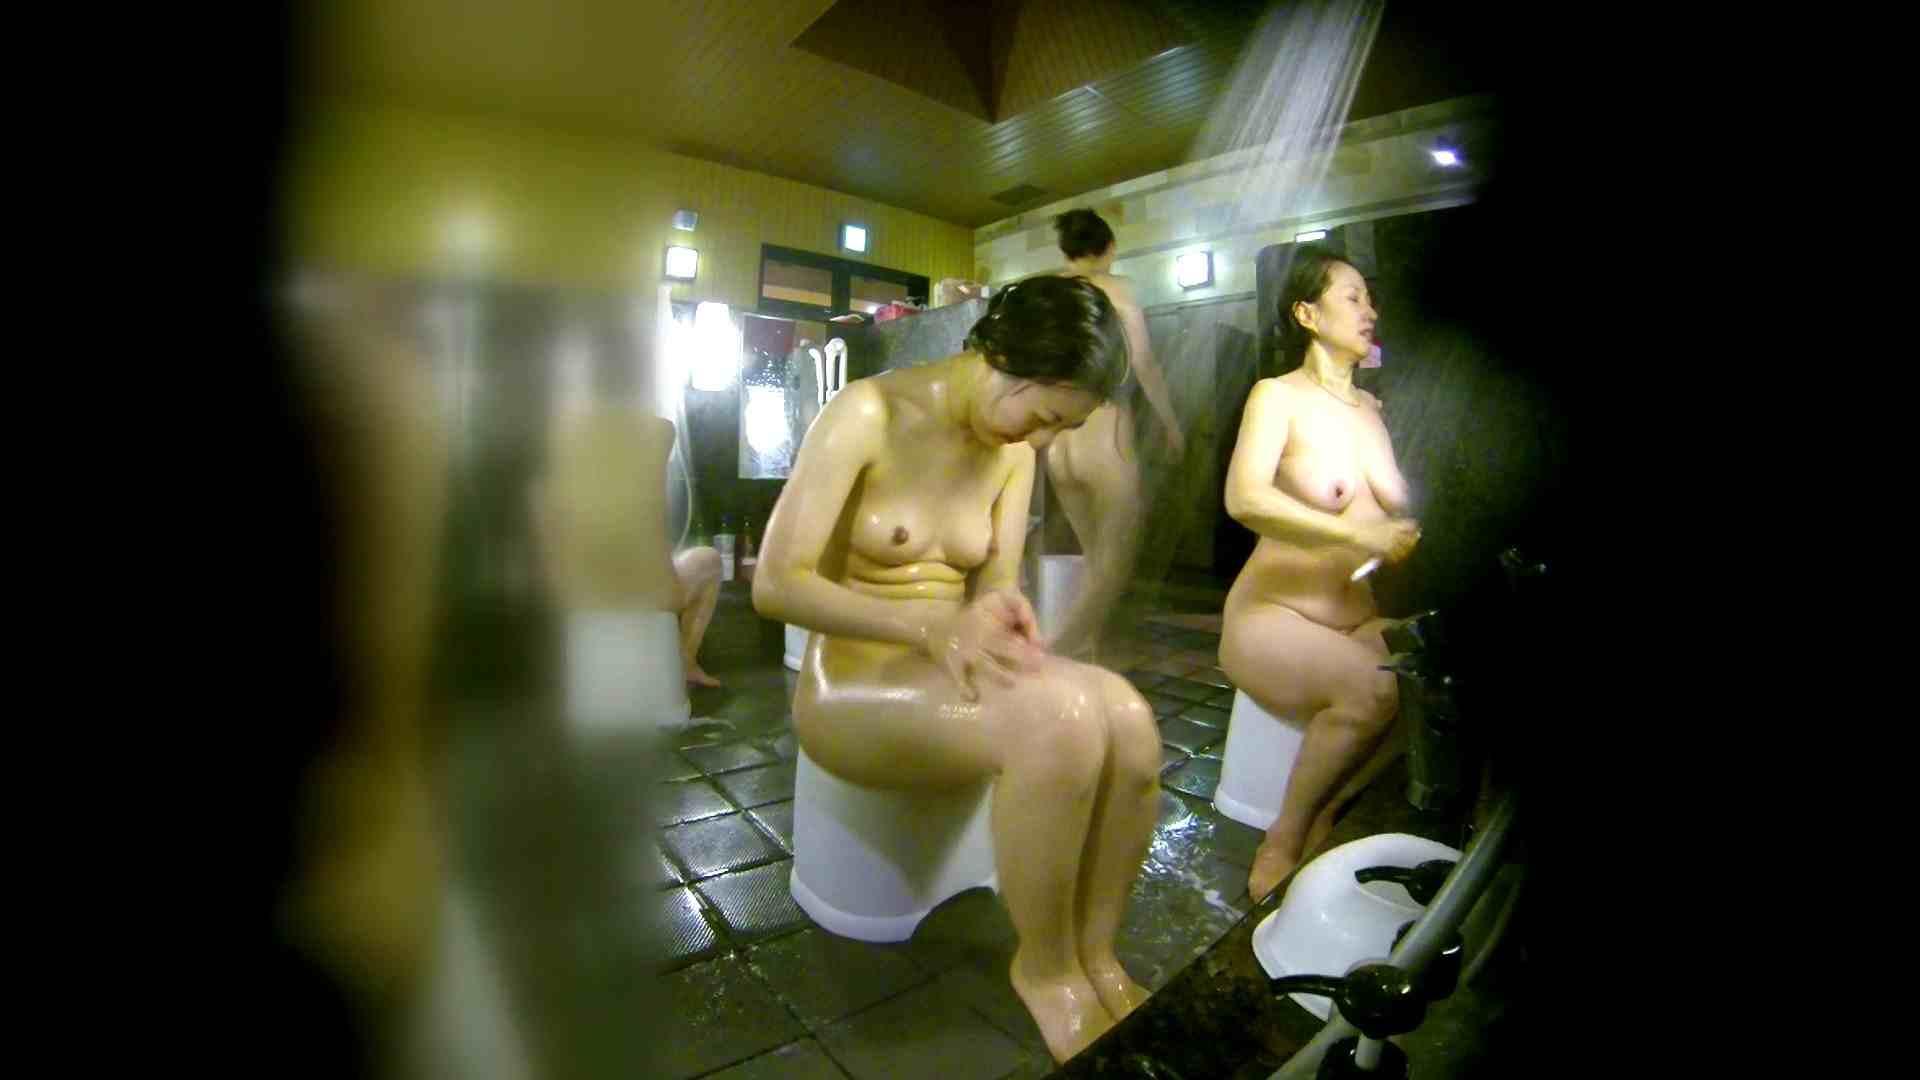 洗い場!右足の位置がいいですね。陰毛もっさり! 銭湯   0  113pic 61